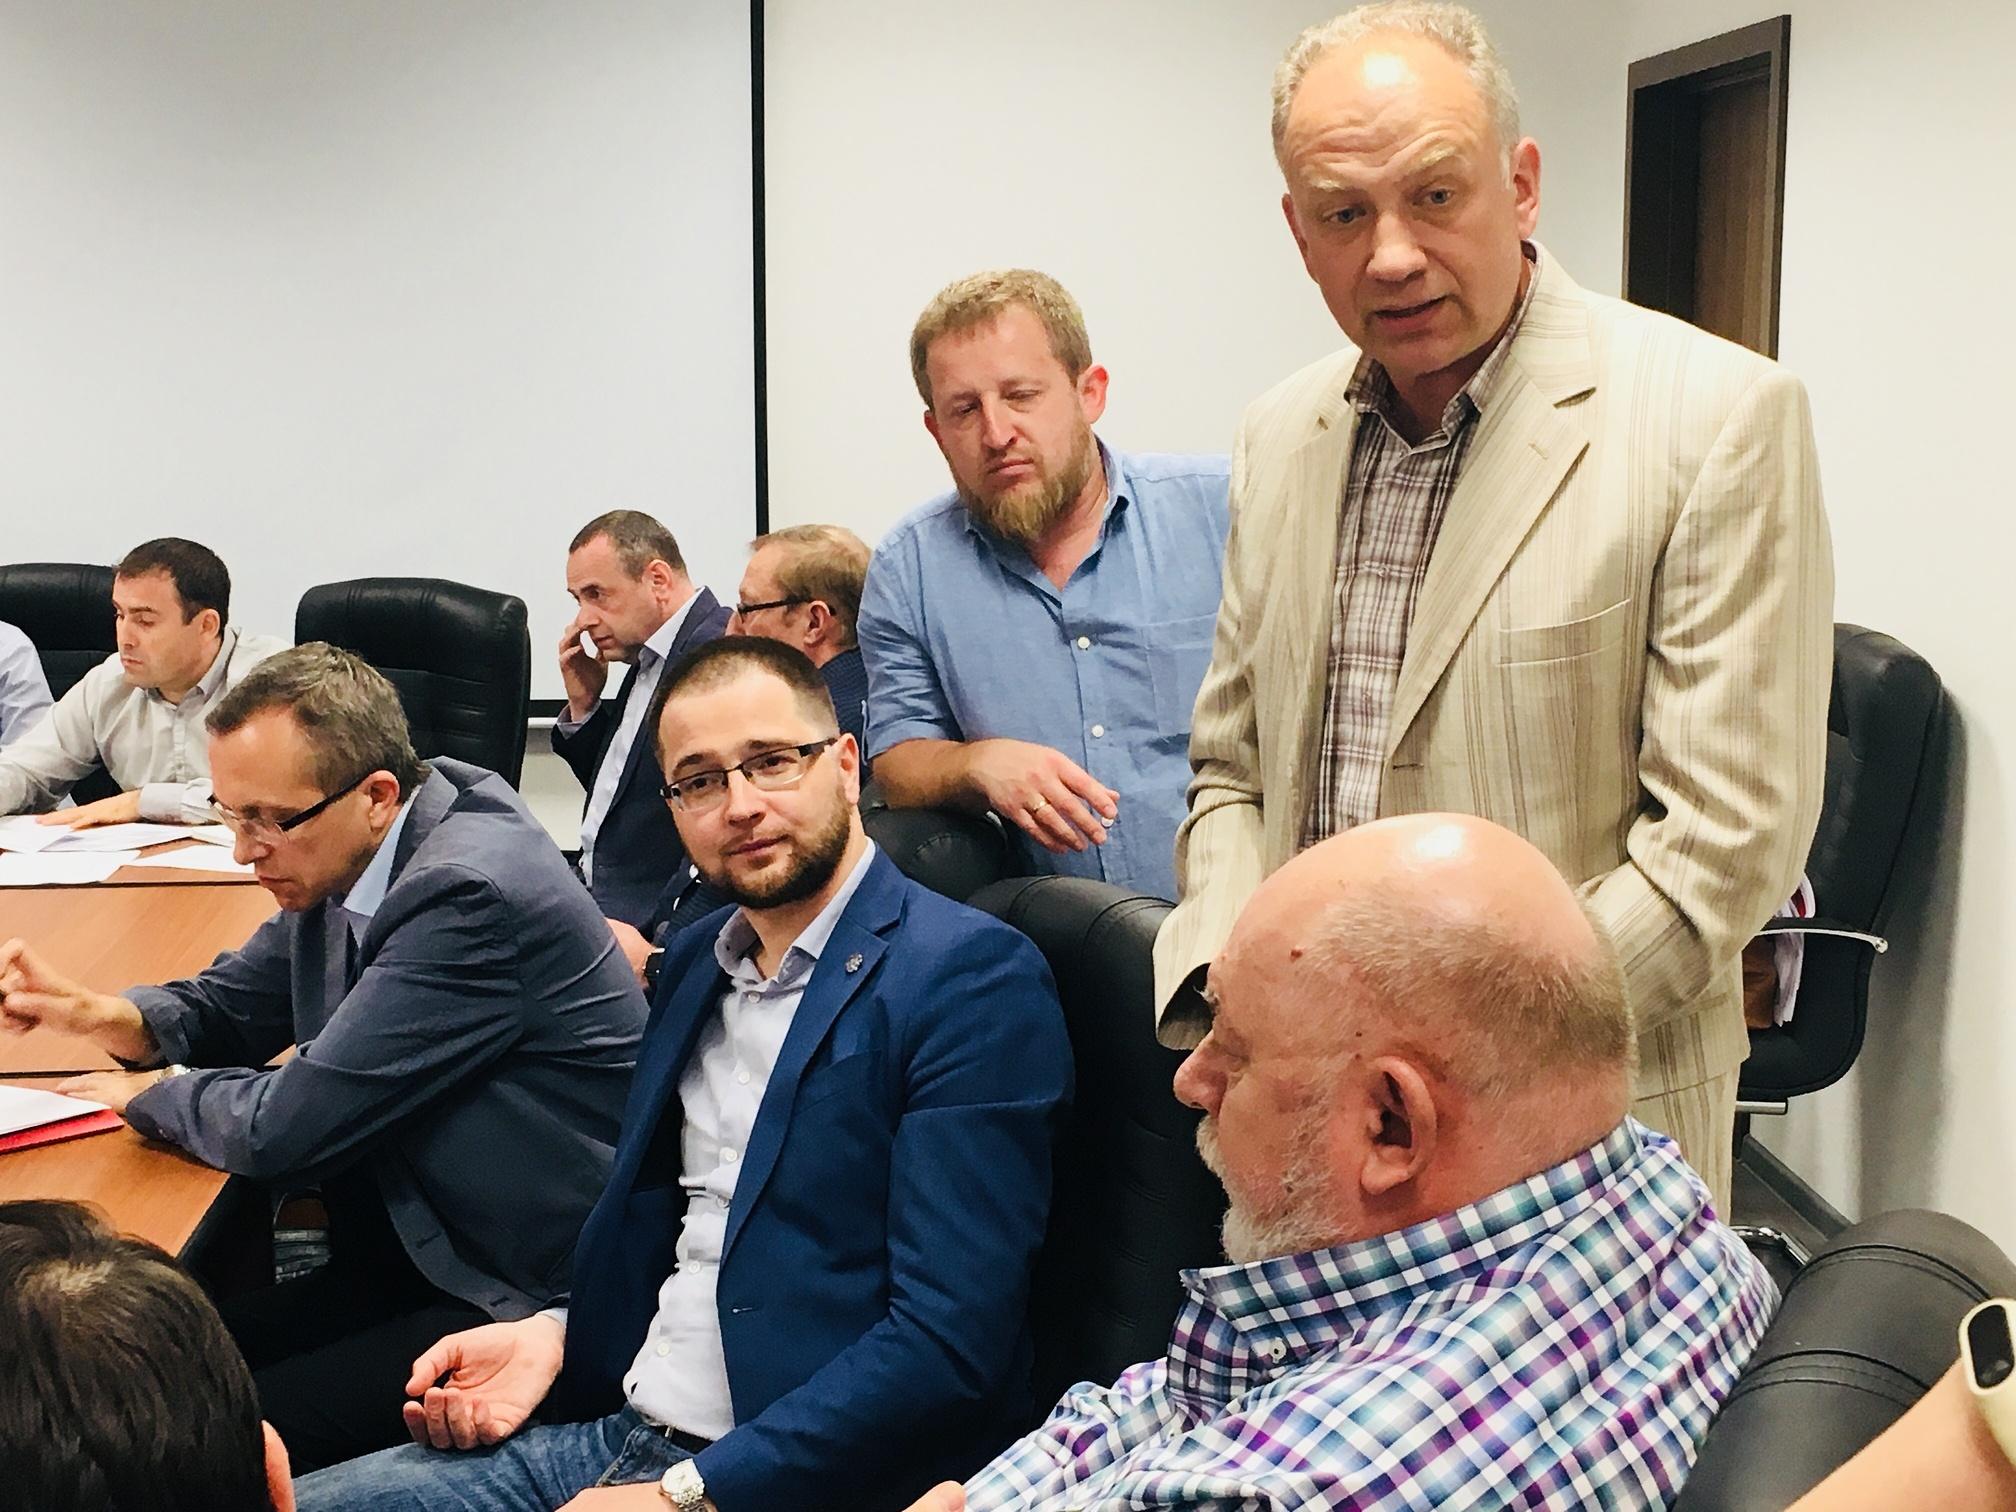 Представители поставщиков систем безопасности совместно со специалистами Московского и Петербургского метрополитенов обсудили задачи и пилотные проекты